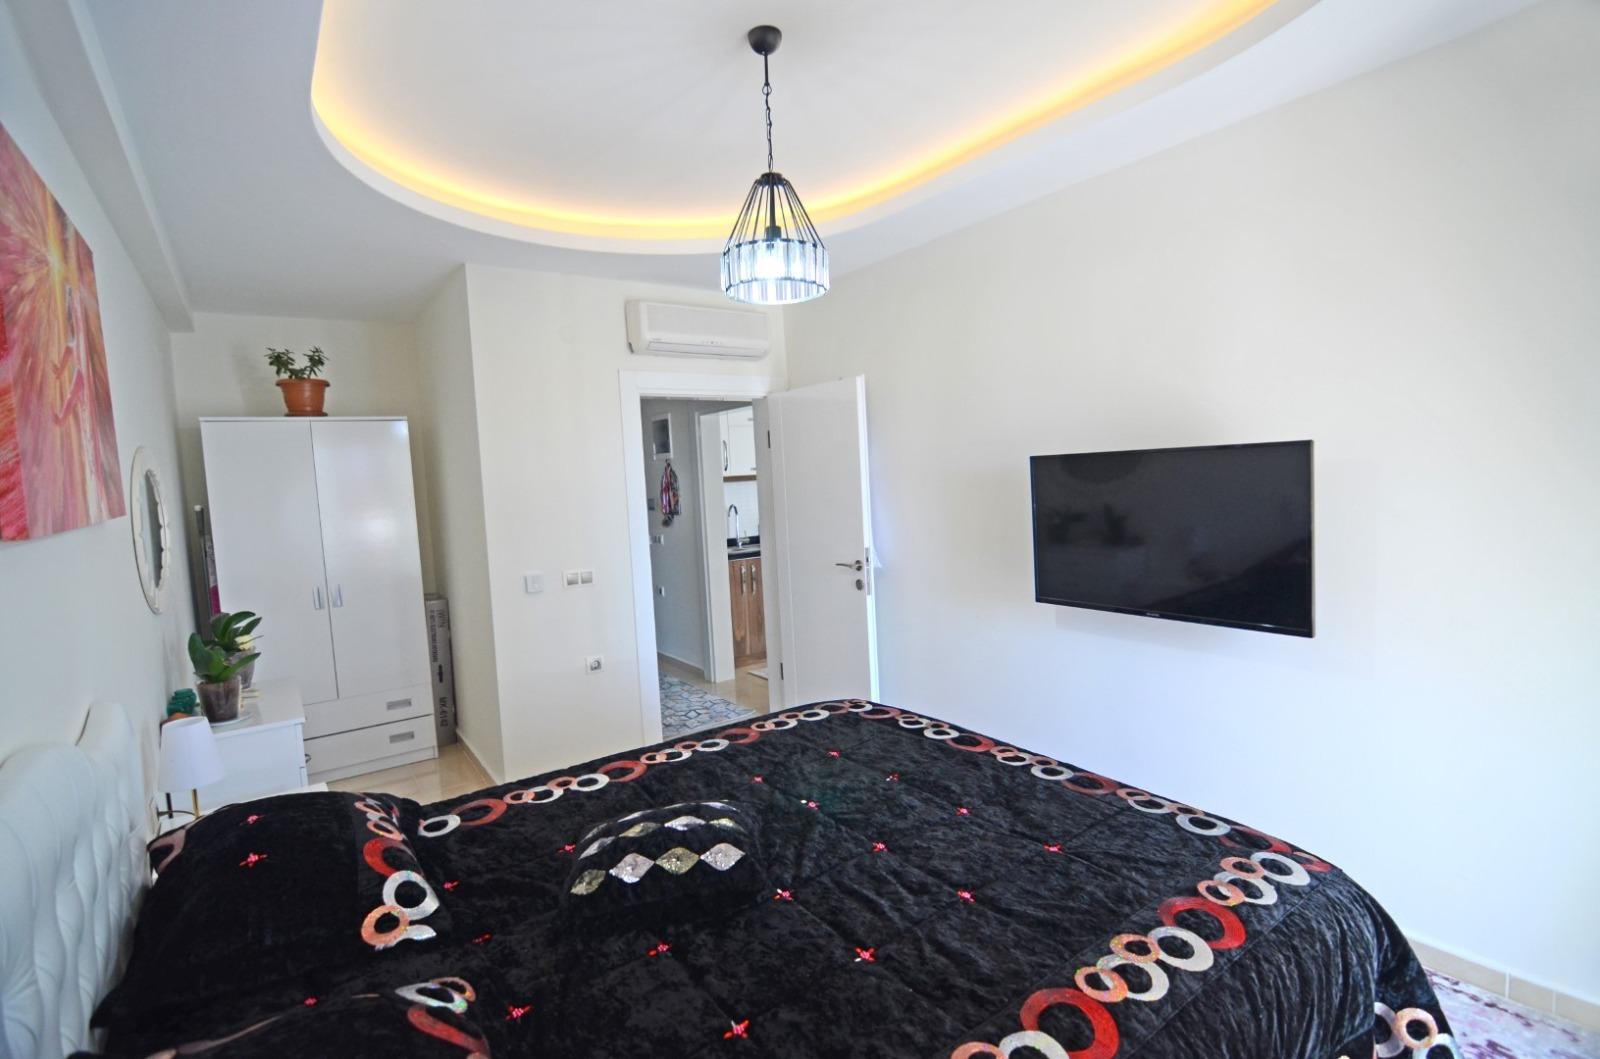 Меблированные апартаменты 1+1 в  Махмутлара - Фото 3